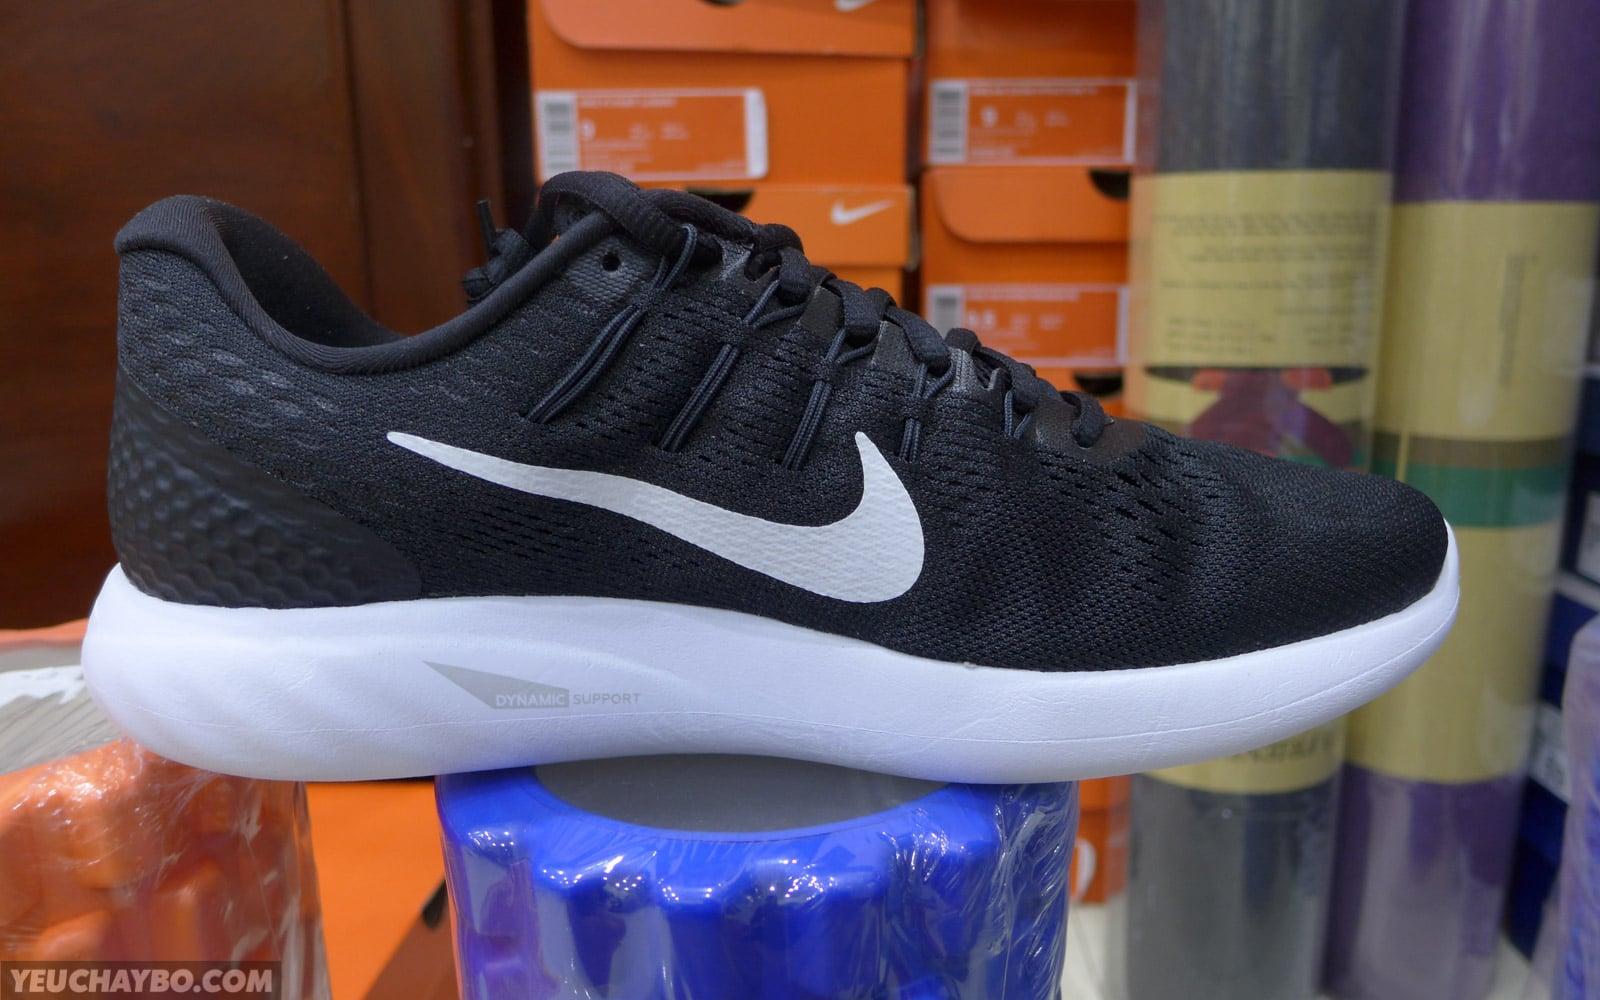 28db9c3b9a4e7 Trên chân Nike LunarGlide 8 -  Phần 1  Gọn gàng hơn